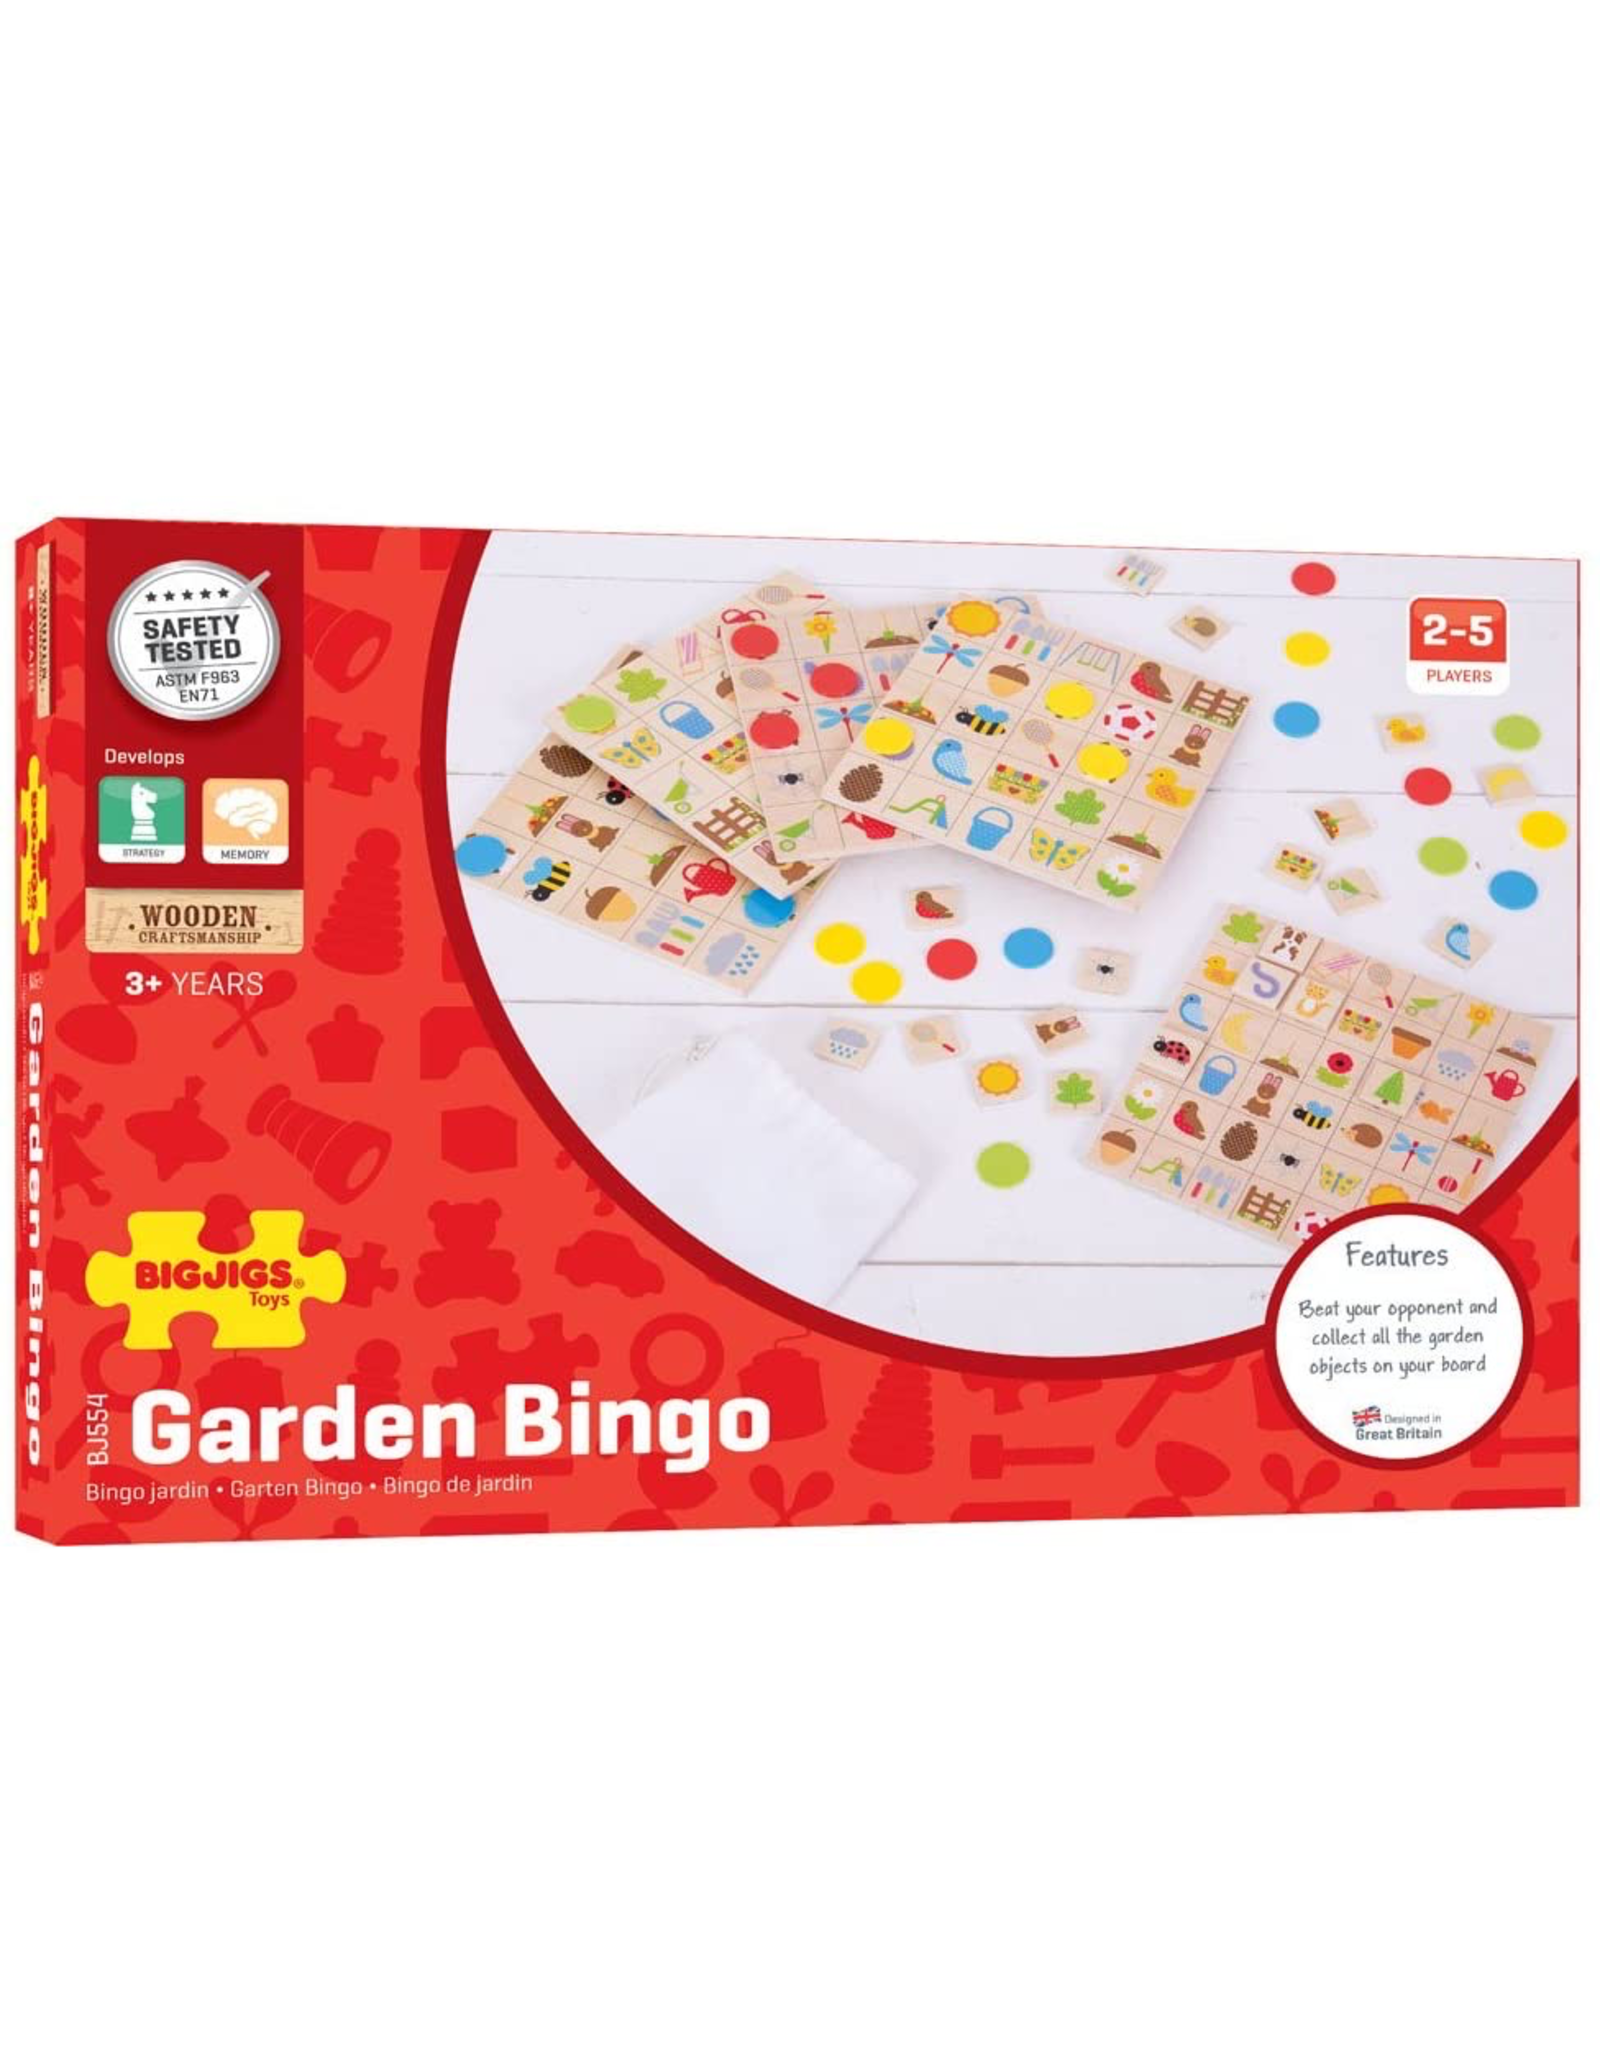 BigJigs Garden Bingo